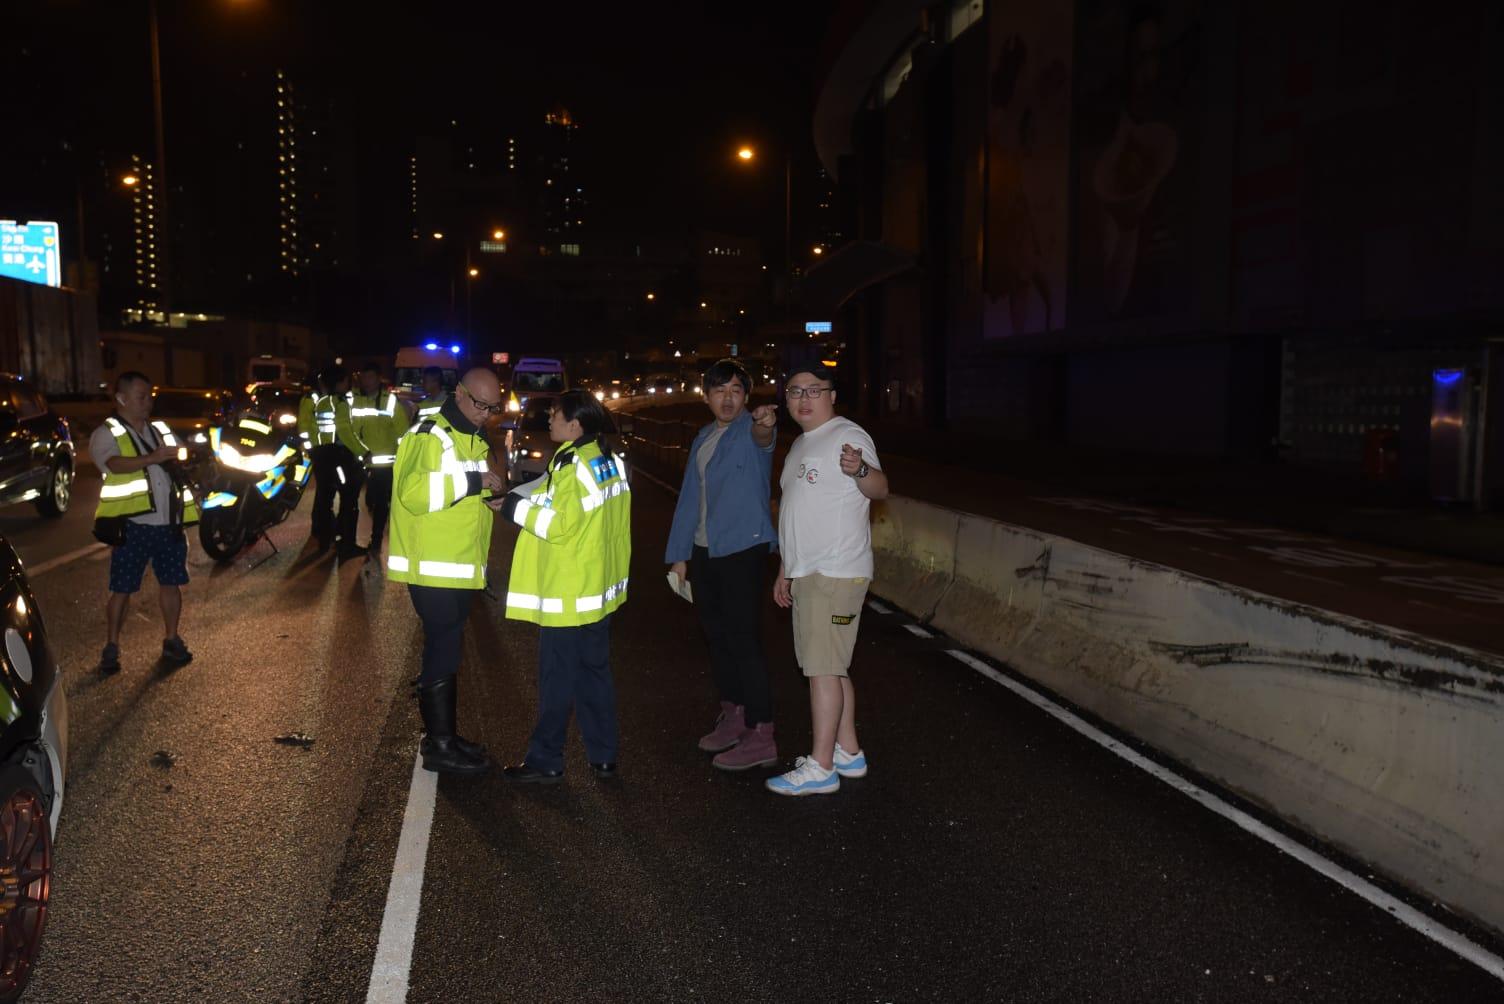 被撞的私家车司机在场协助警员调查。